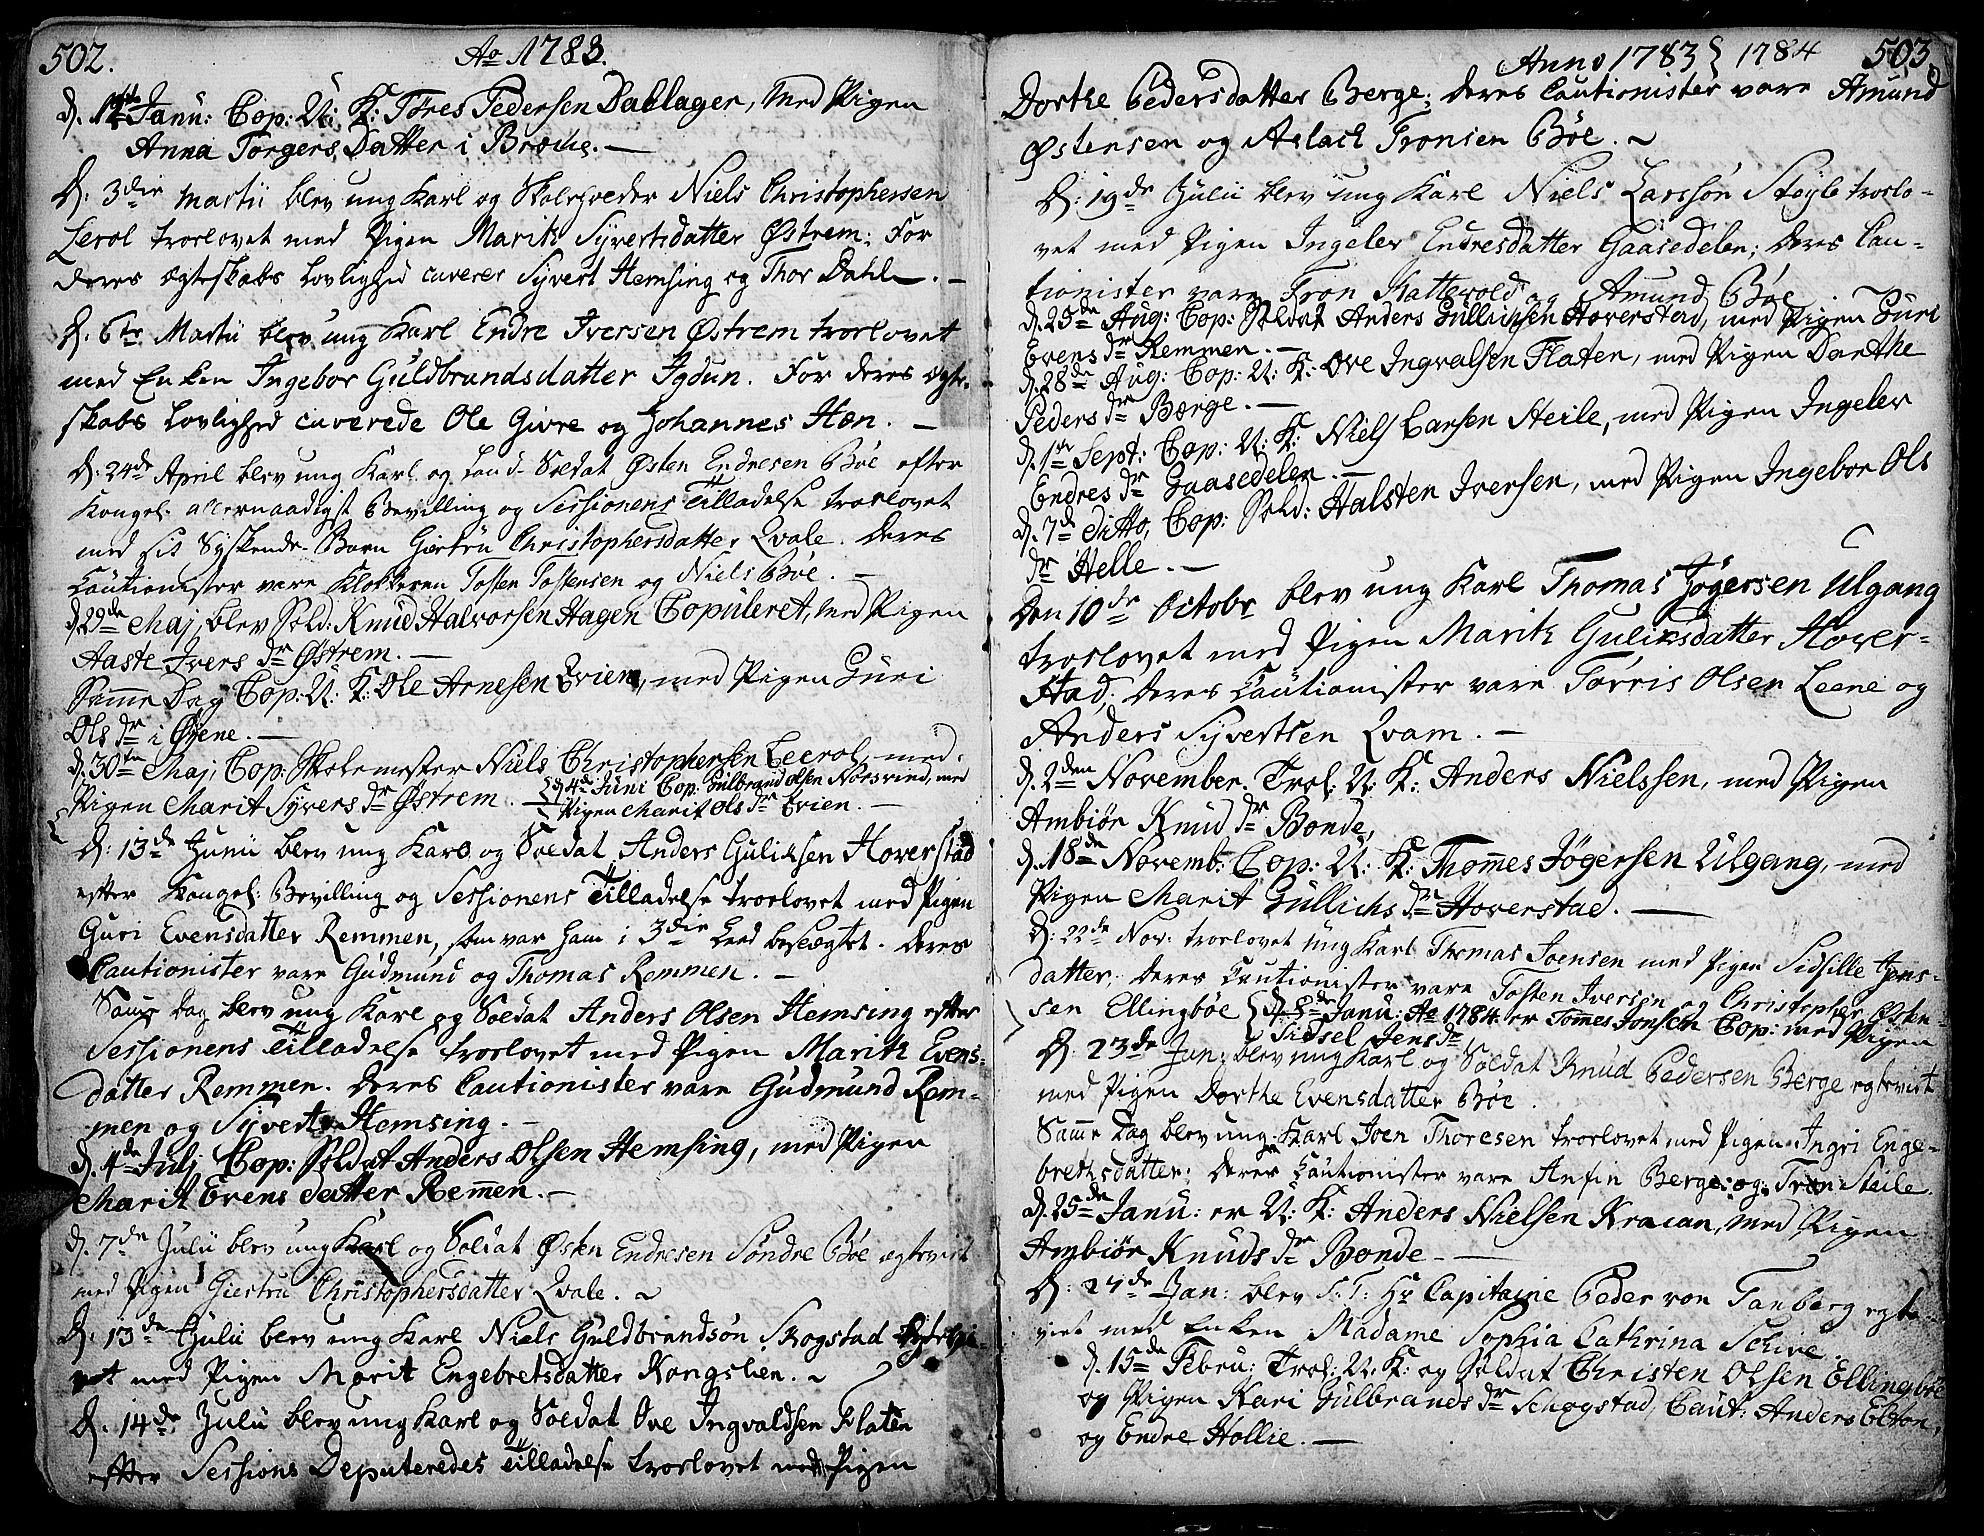 SAH, Vang prestekontor, Valdres, Ministerialbok nr. 1, 1730-1796, s. 502-503